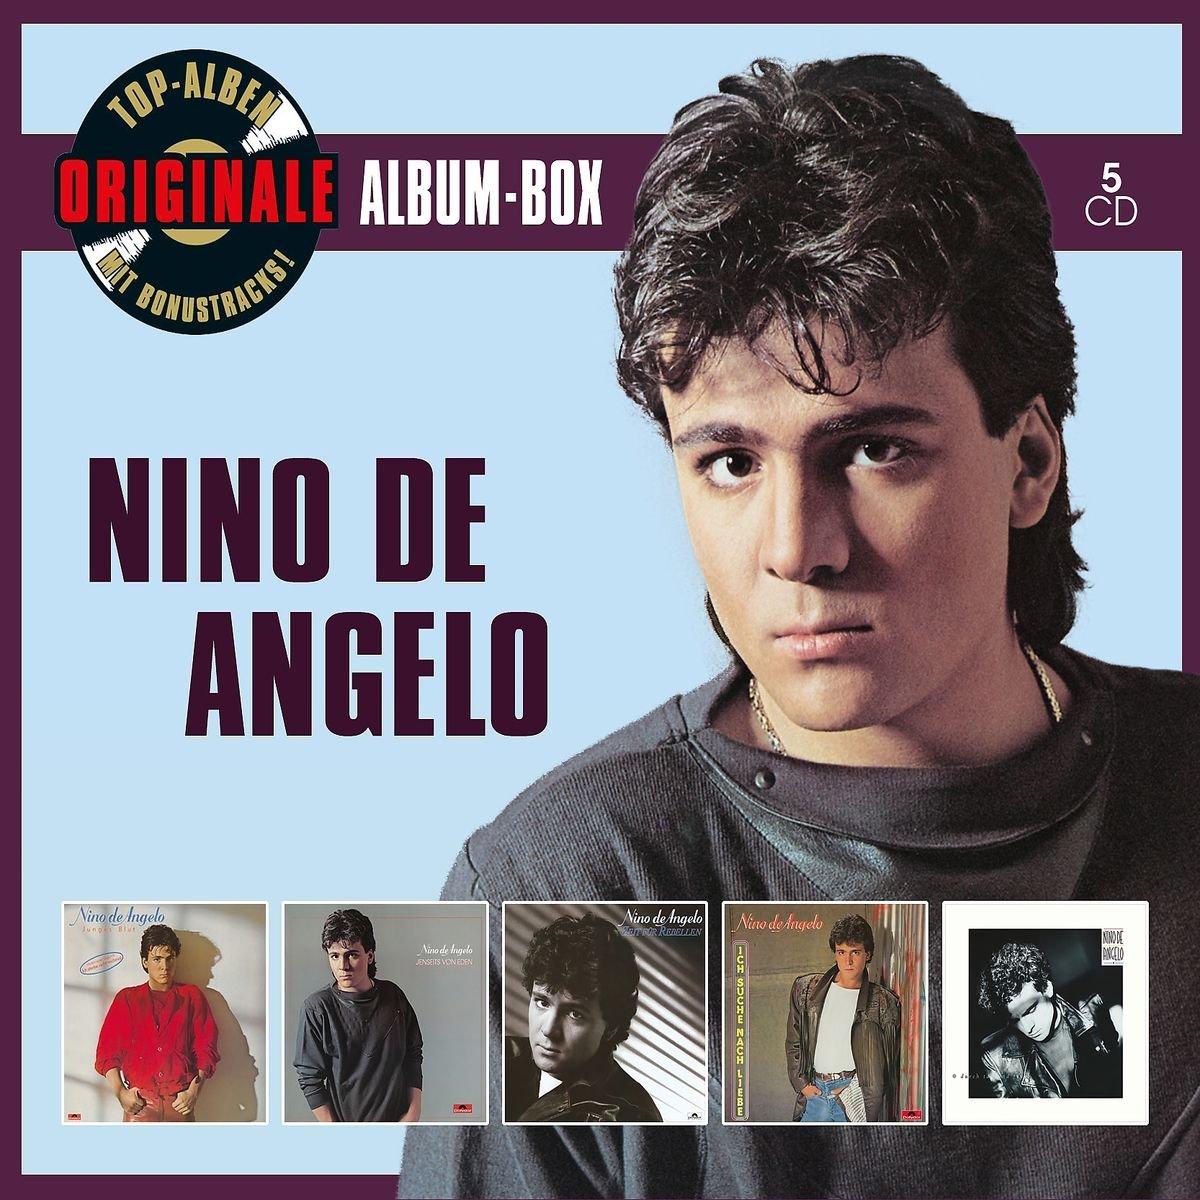 Originale Album-Box                                                                                                                                                                                                                                                                                                                                                                                                <span class=